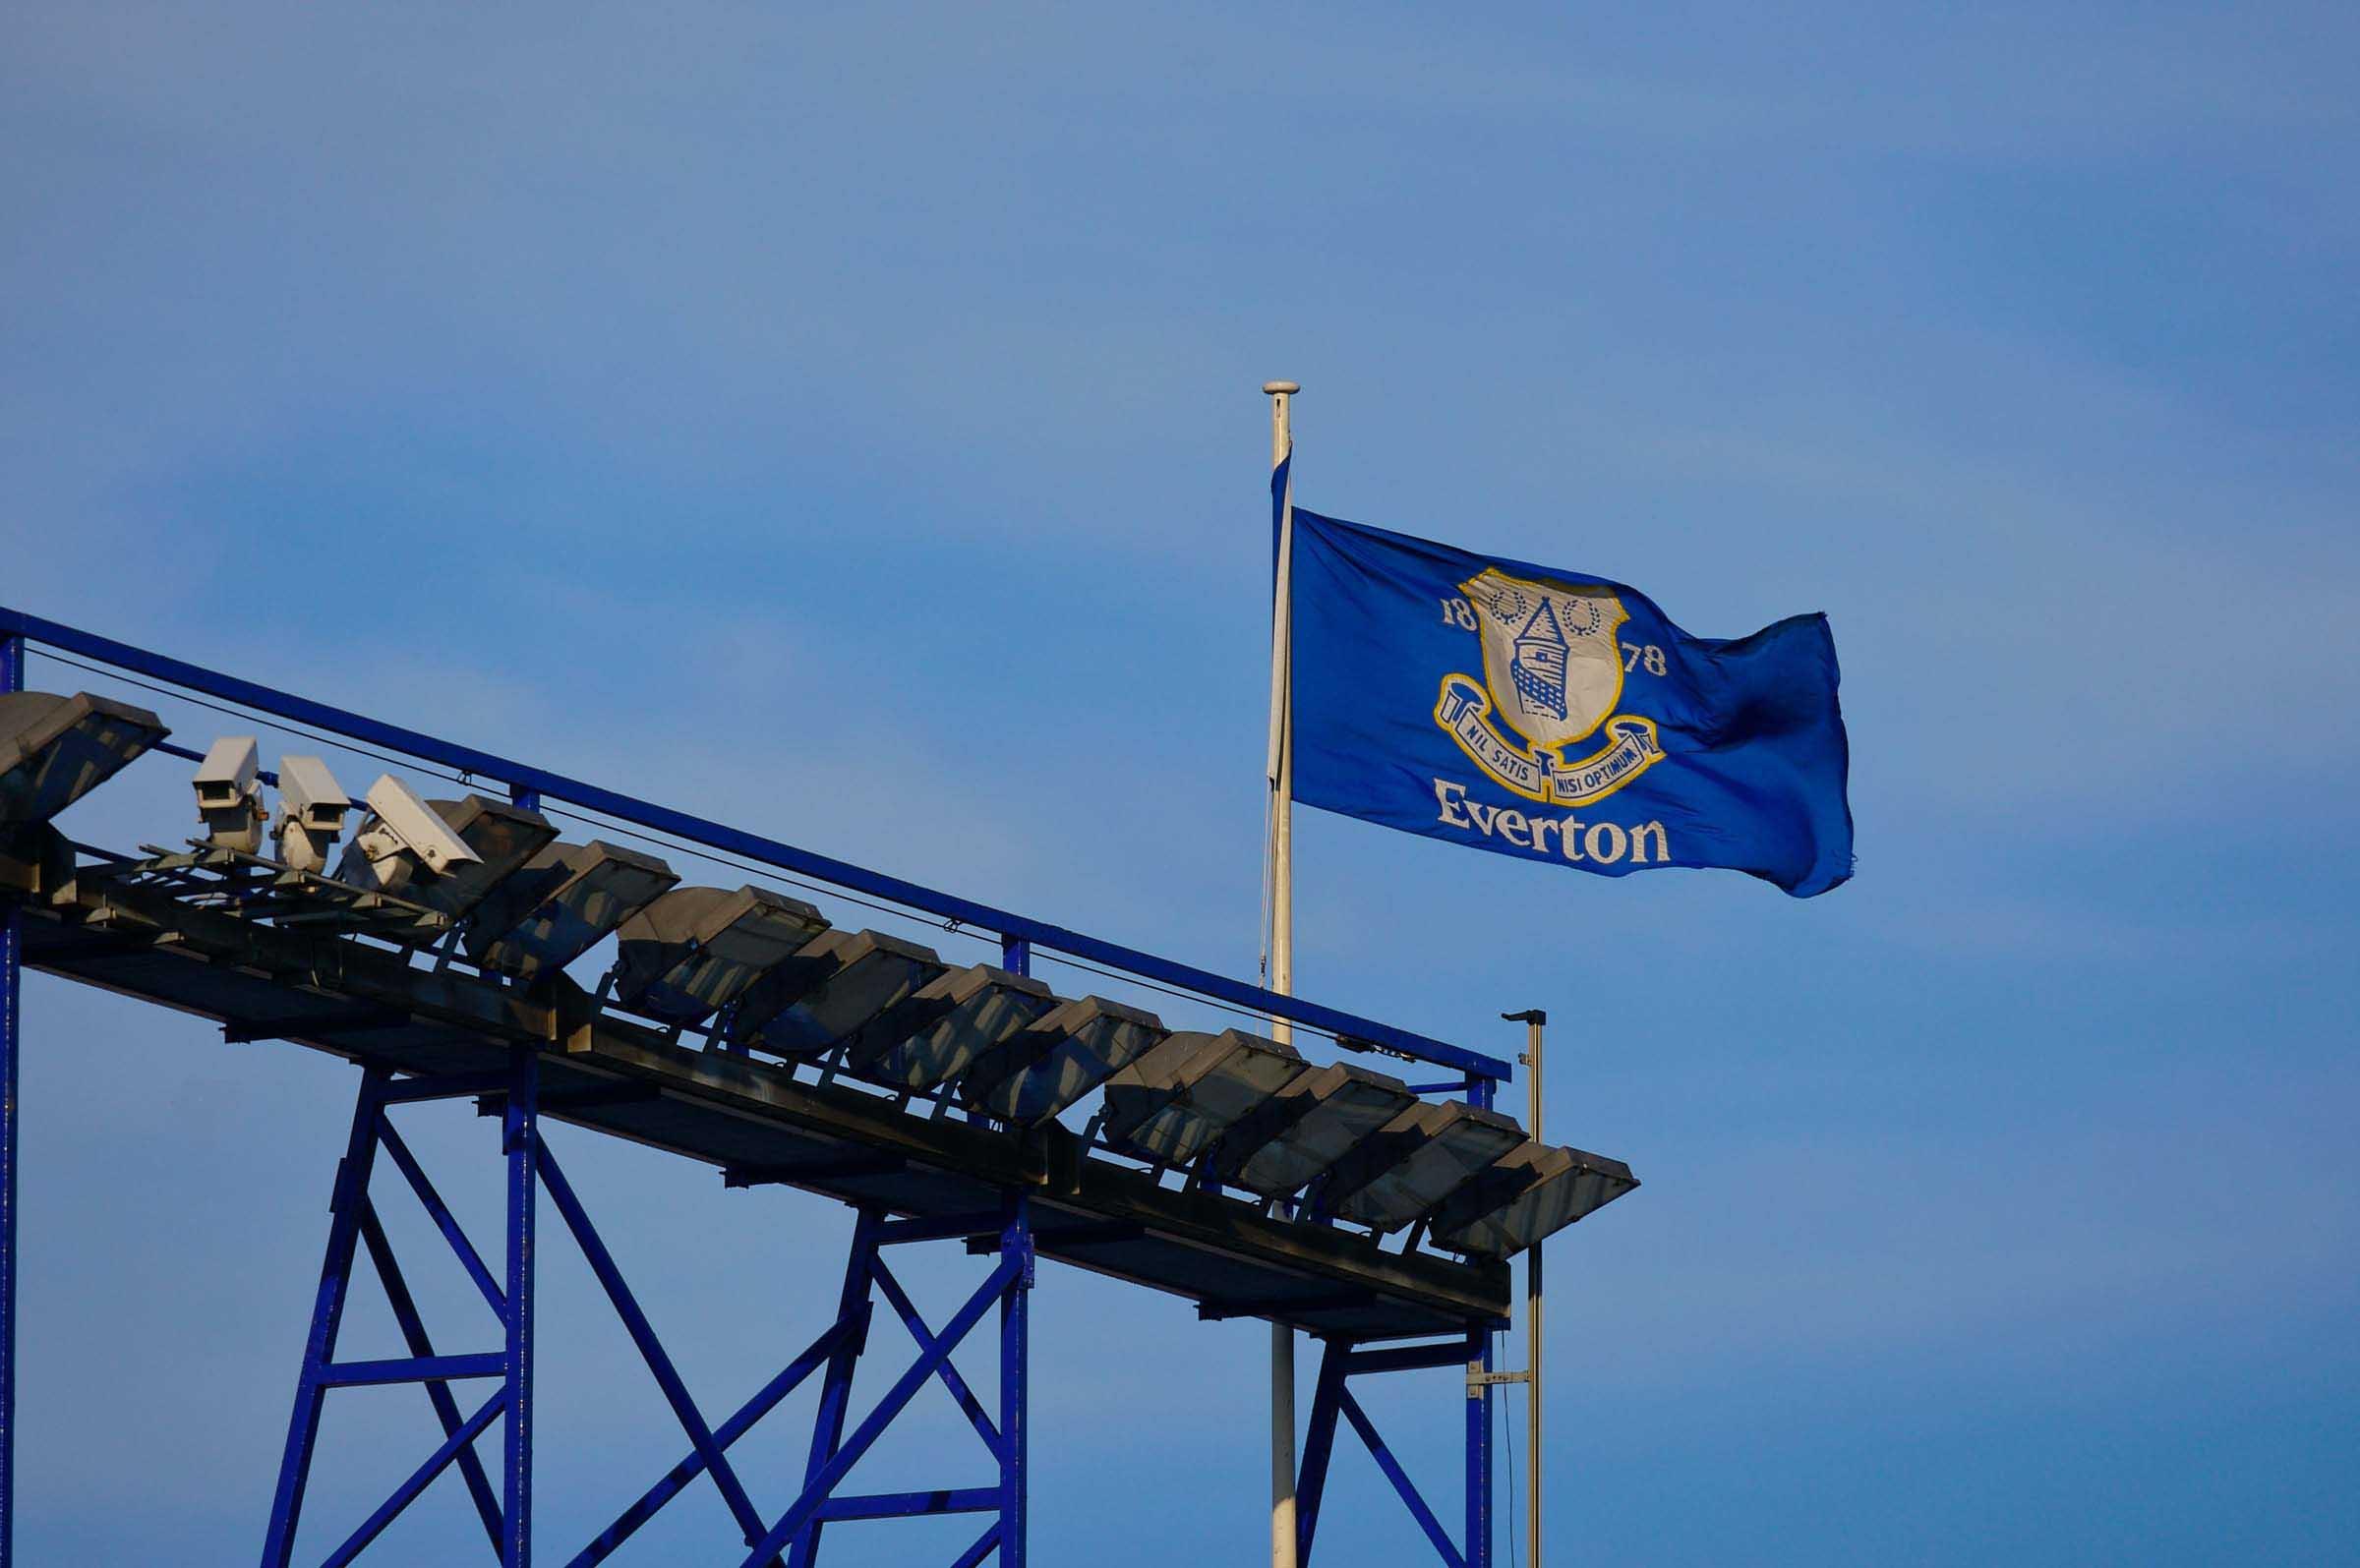 Football - FA Premier League - Everton FC v Reading FC